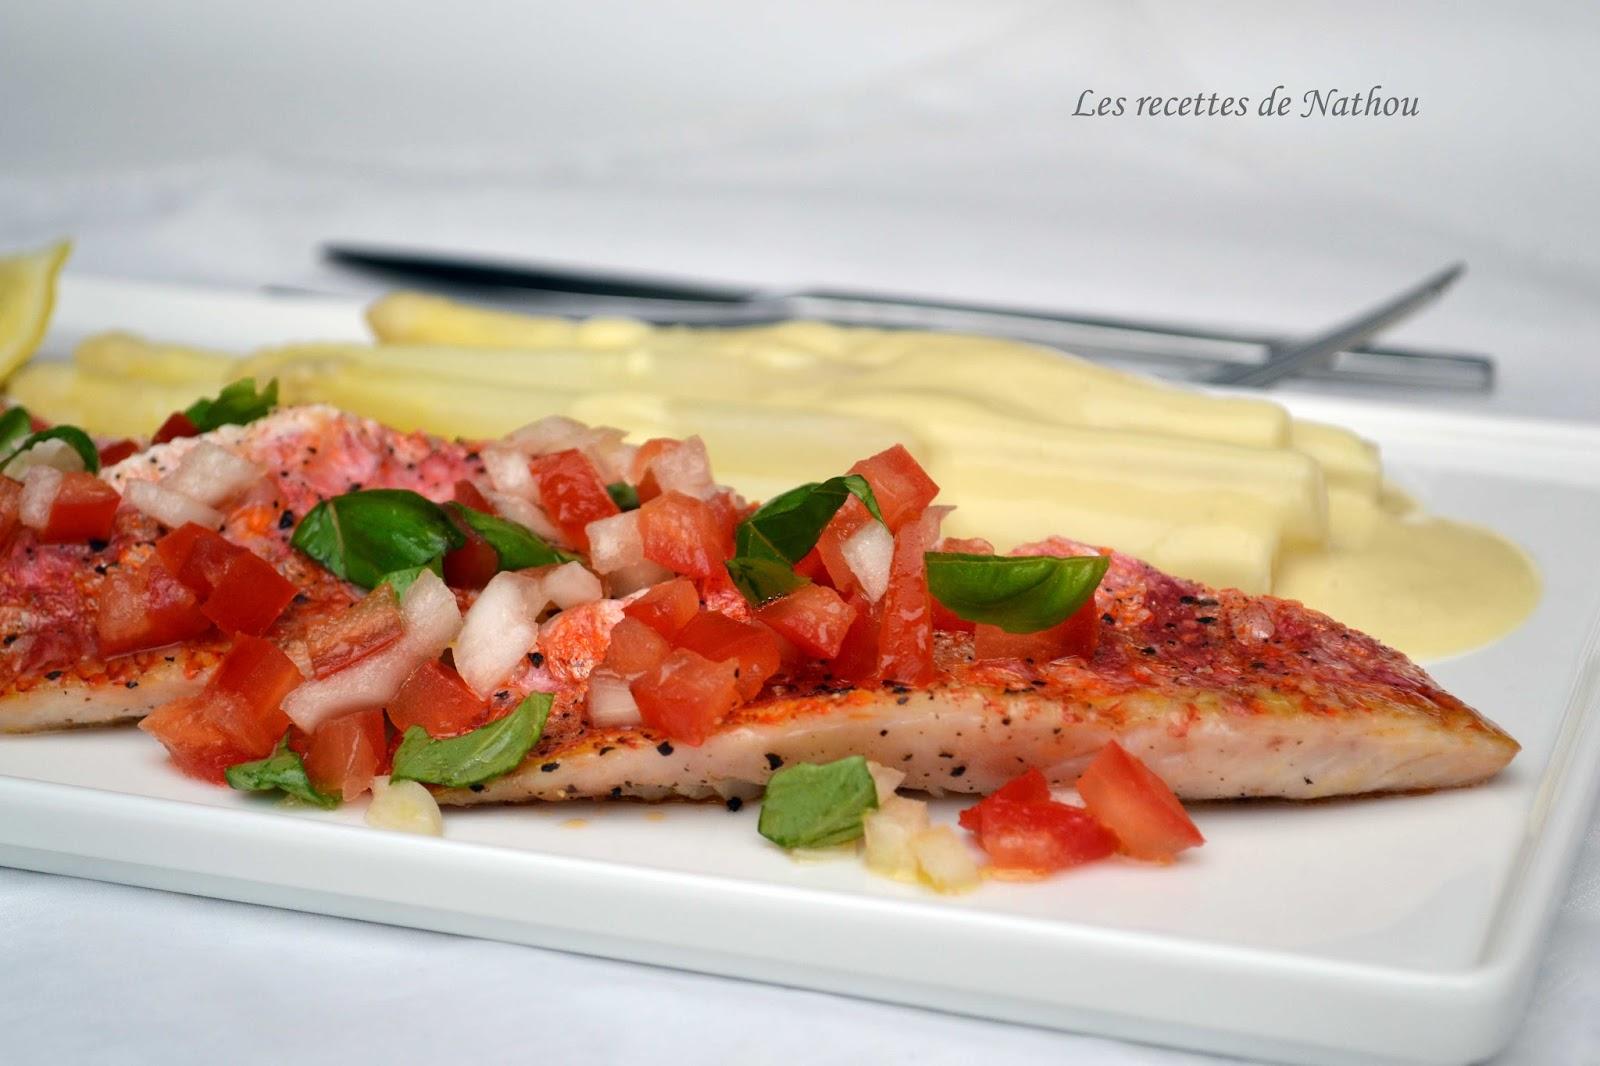 Filets de rouget et sauce vierge, asperges blanches et sauce hollandaise citronnée